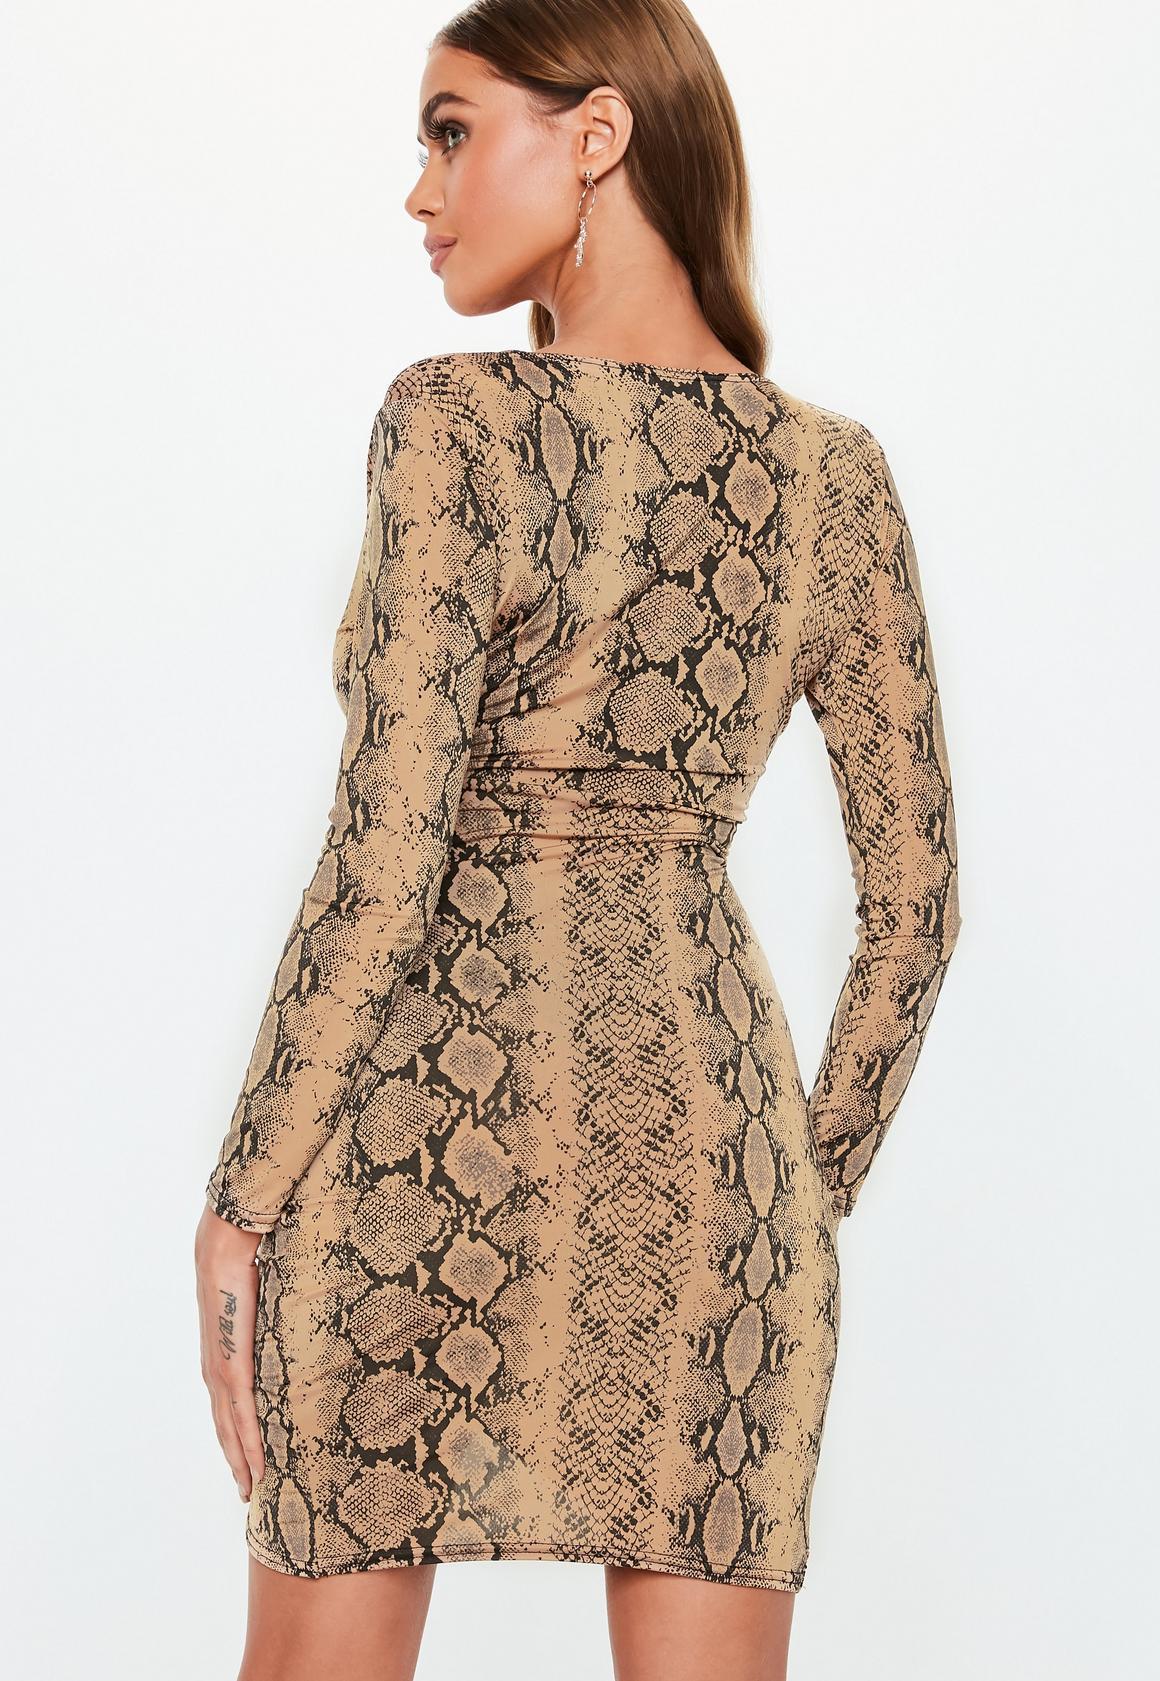 Missguided - robe asymétrique courte camel à imprimé serpent - 4